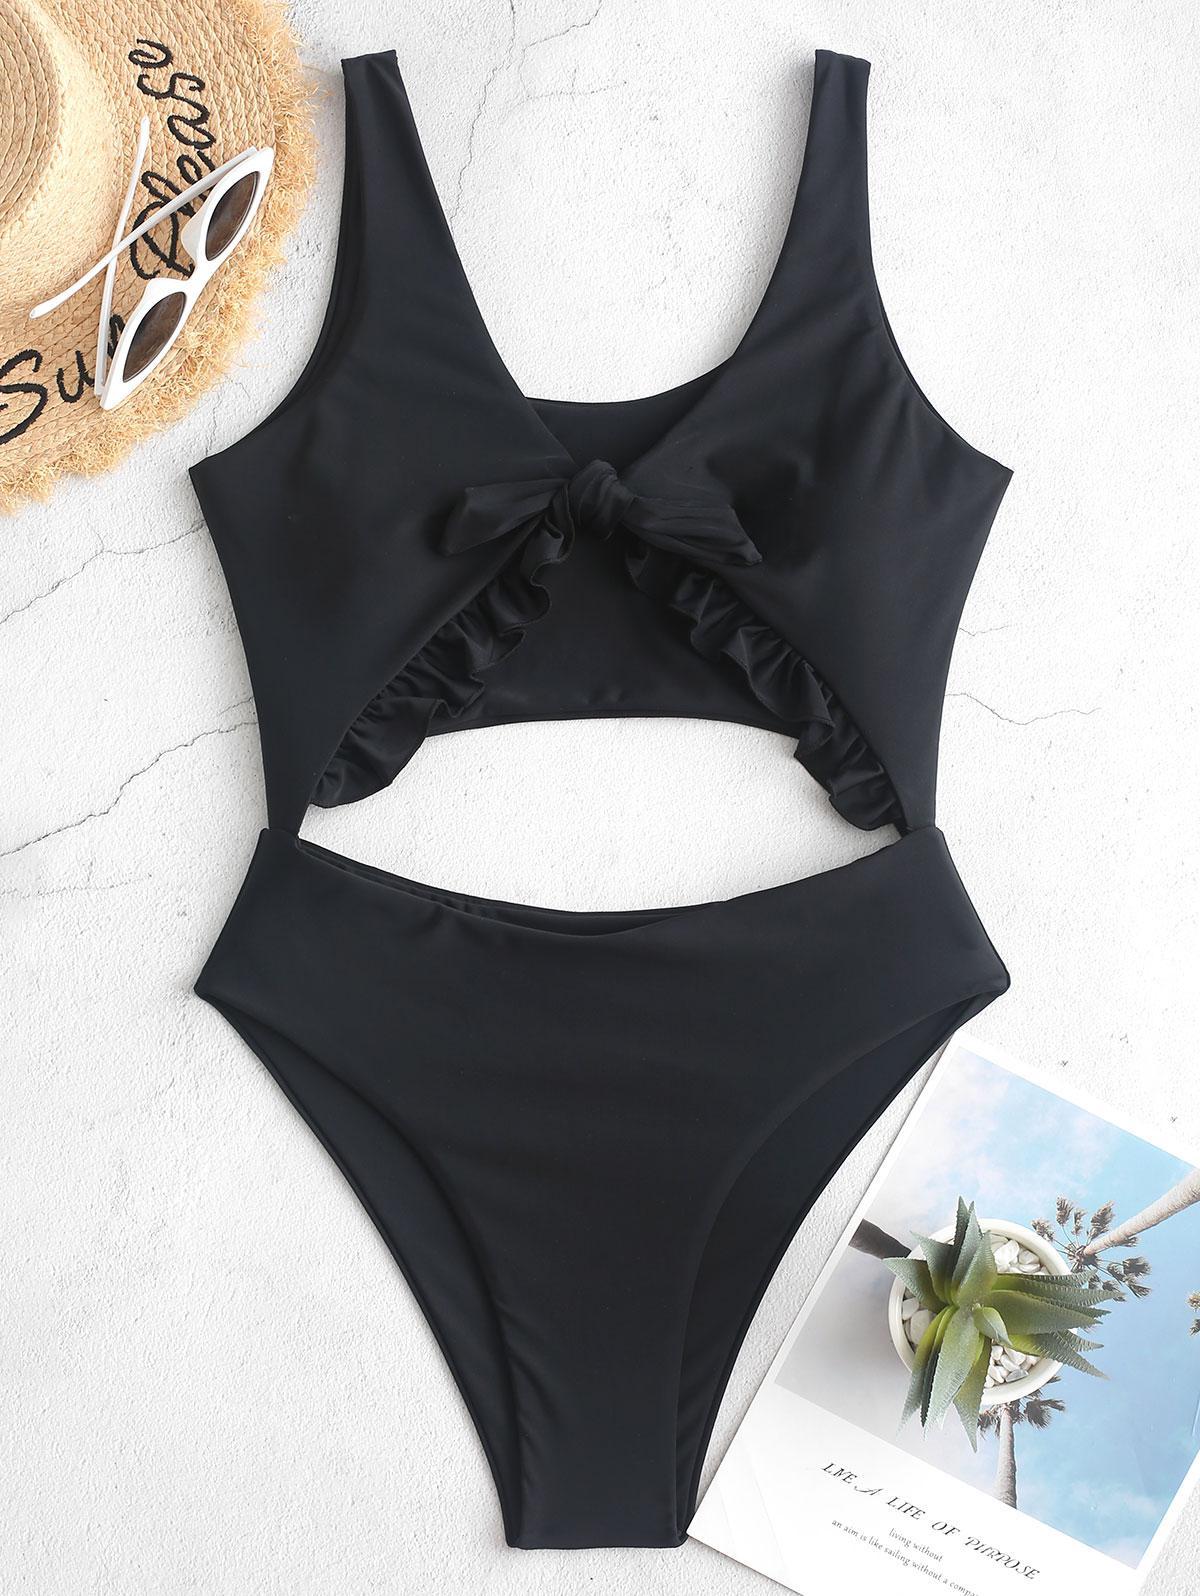 ZAFUL Knot Ruffle Cutout One-piece Swimsuit thumbnail